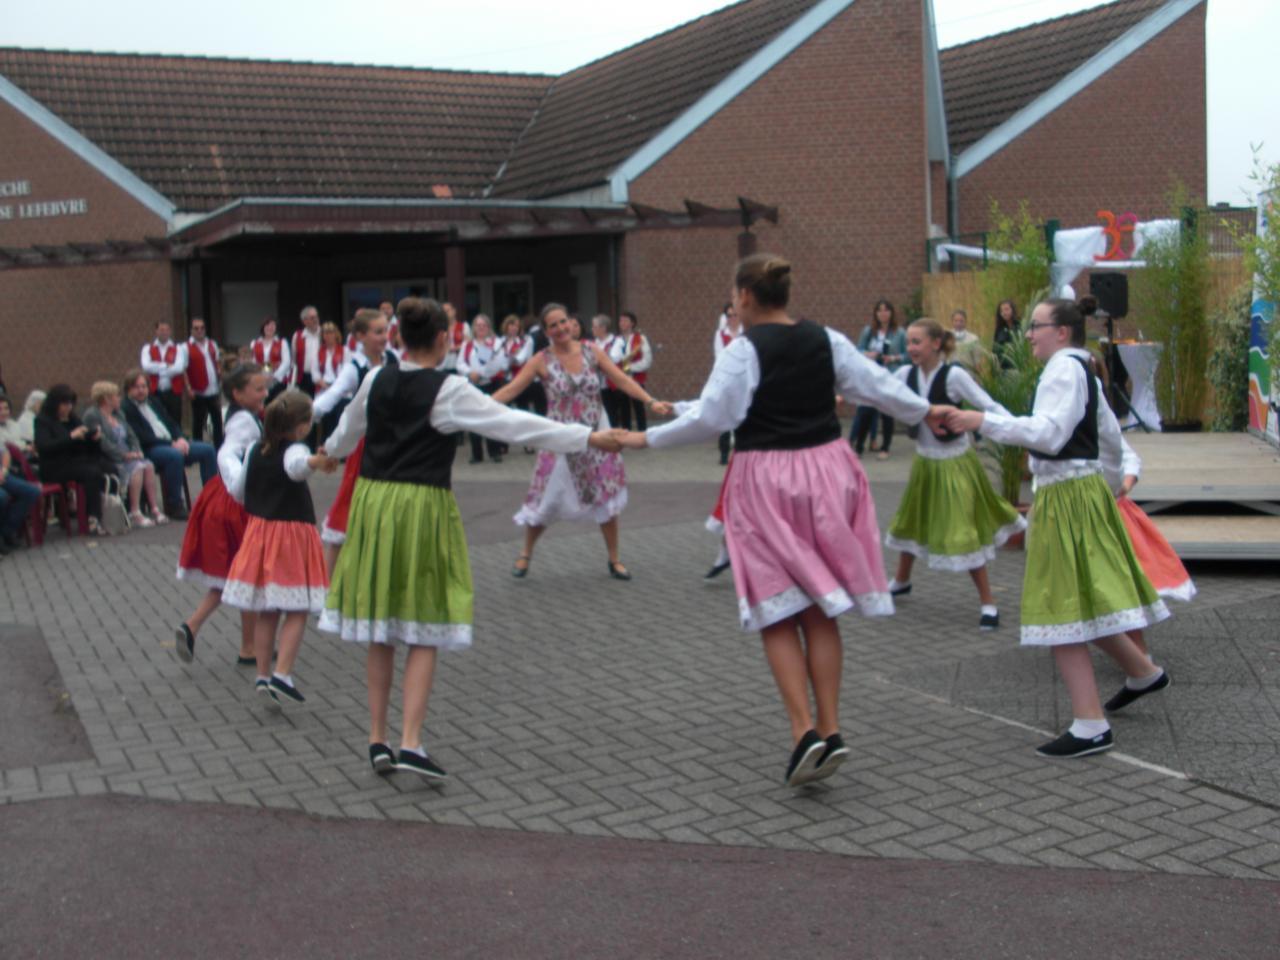 Polka Sextur, Danemark